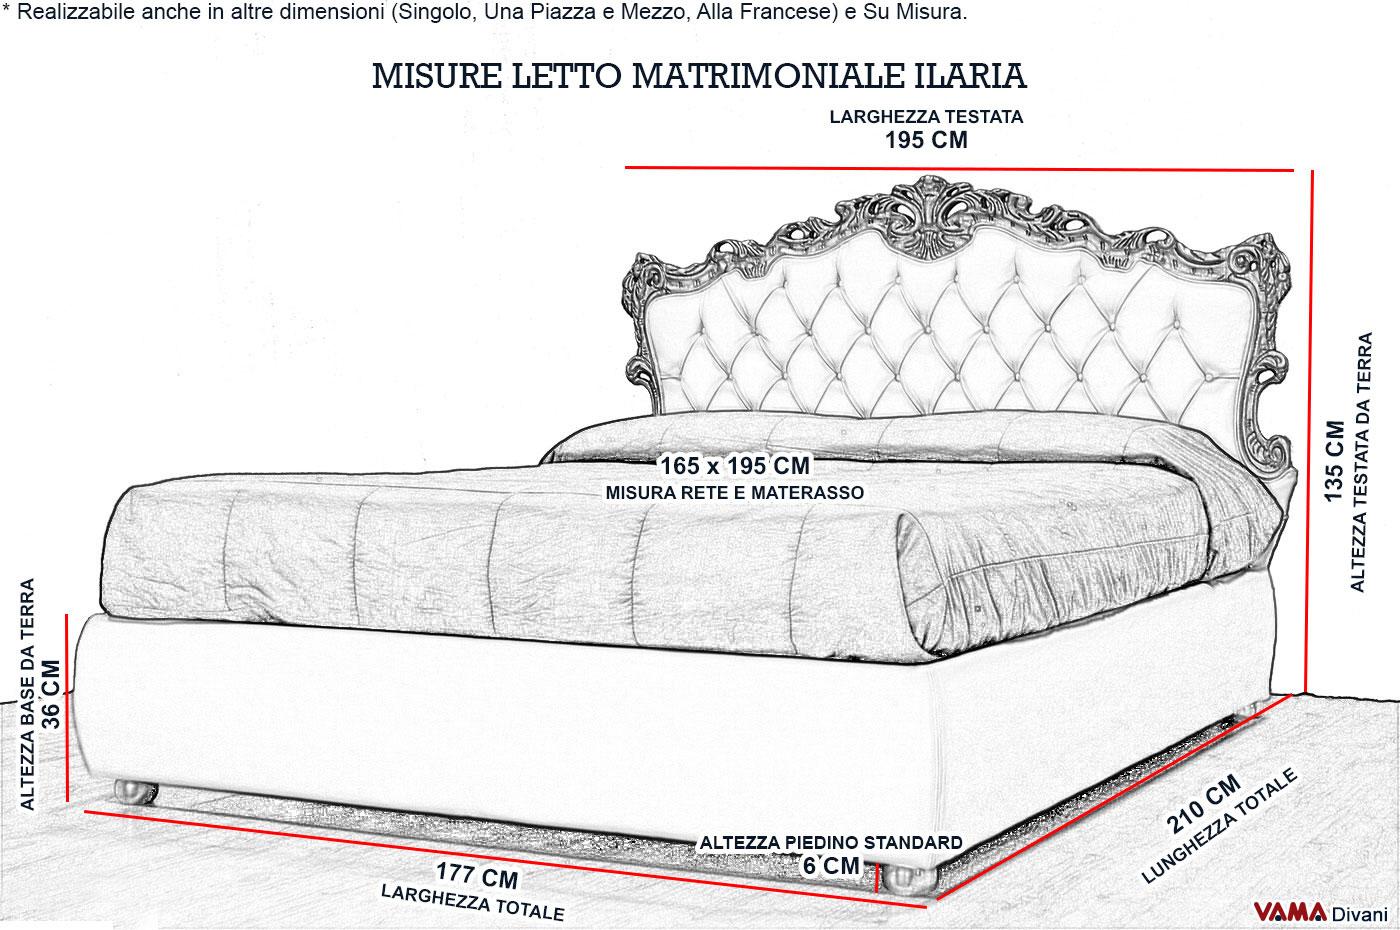 Letto barocco in stile veneziano con contenitore portaoggetti - Misure camera da letto matrimoniale ...